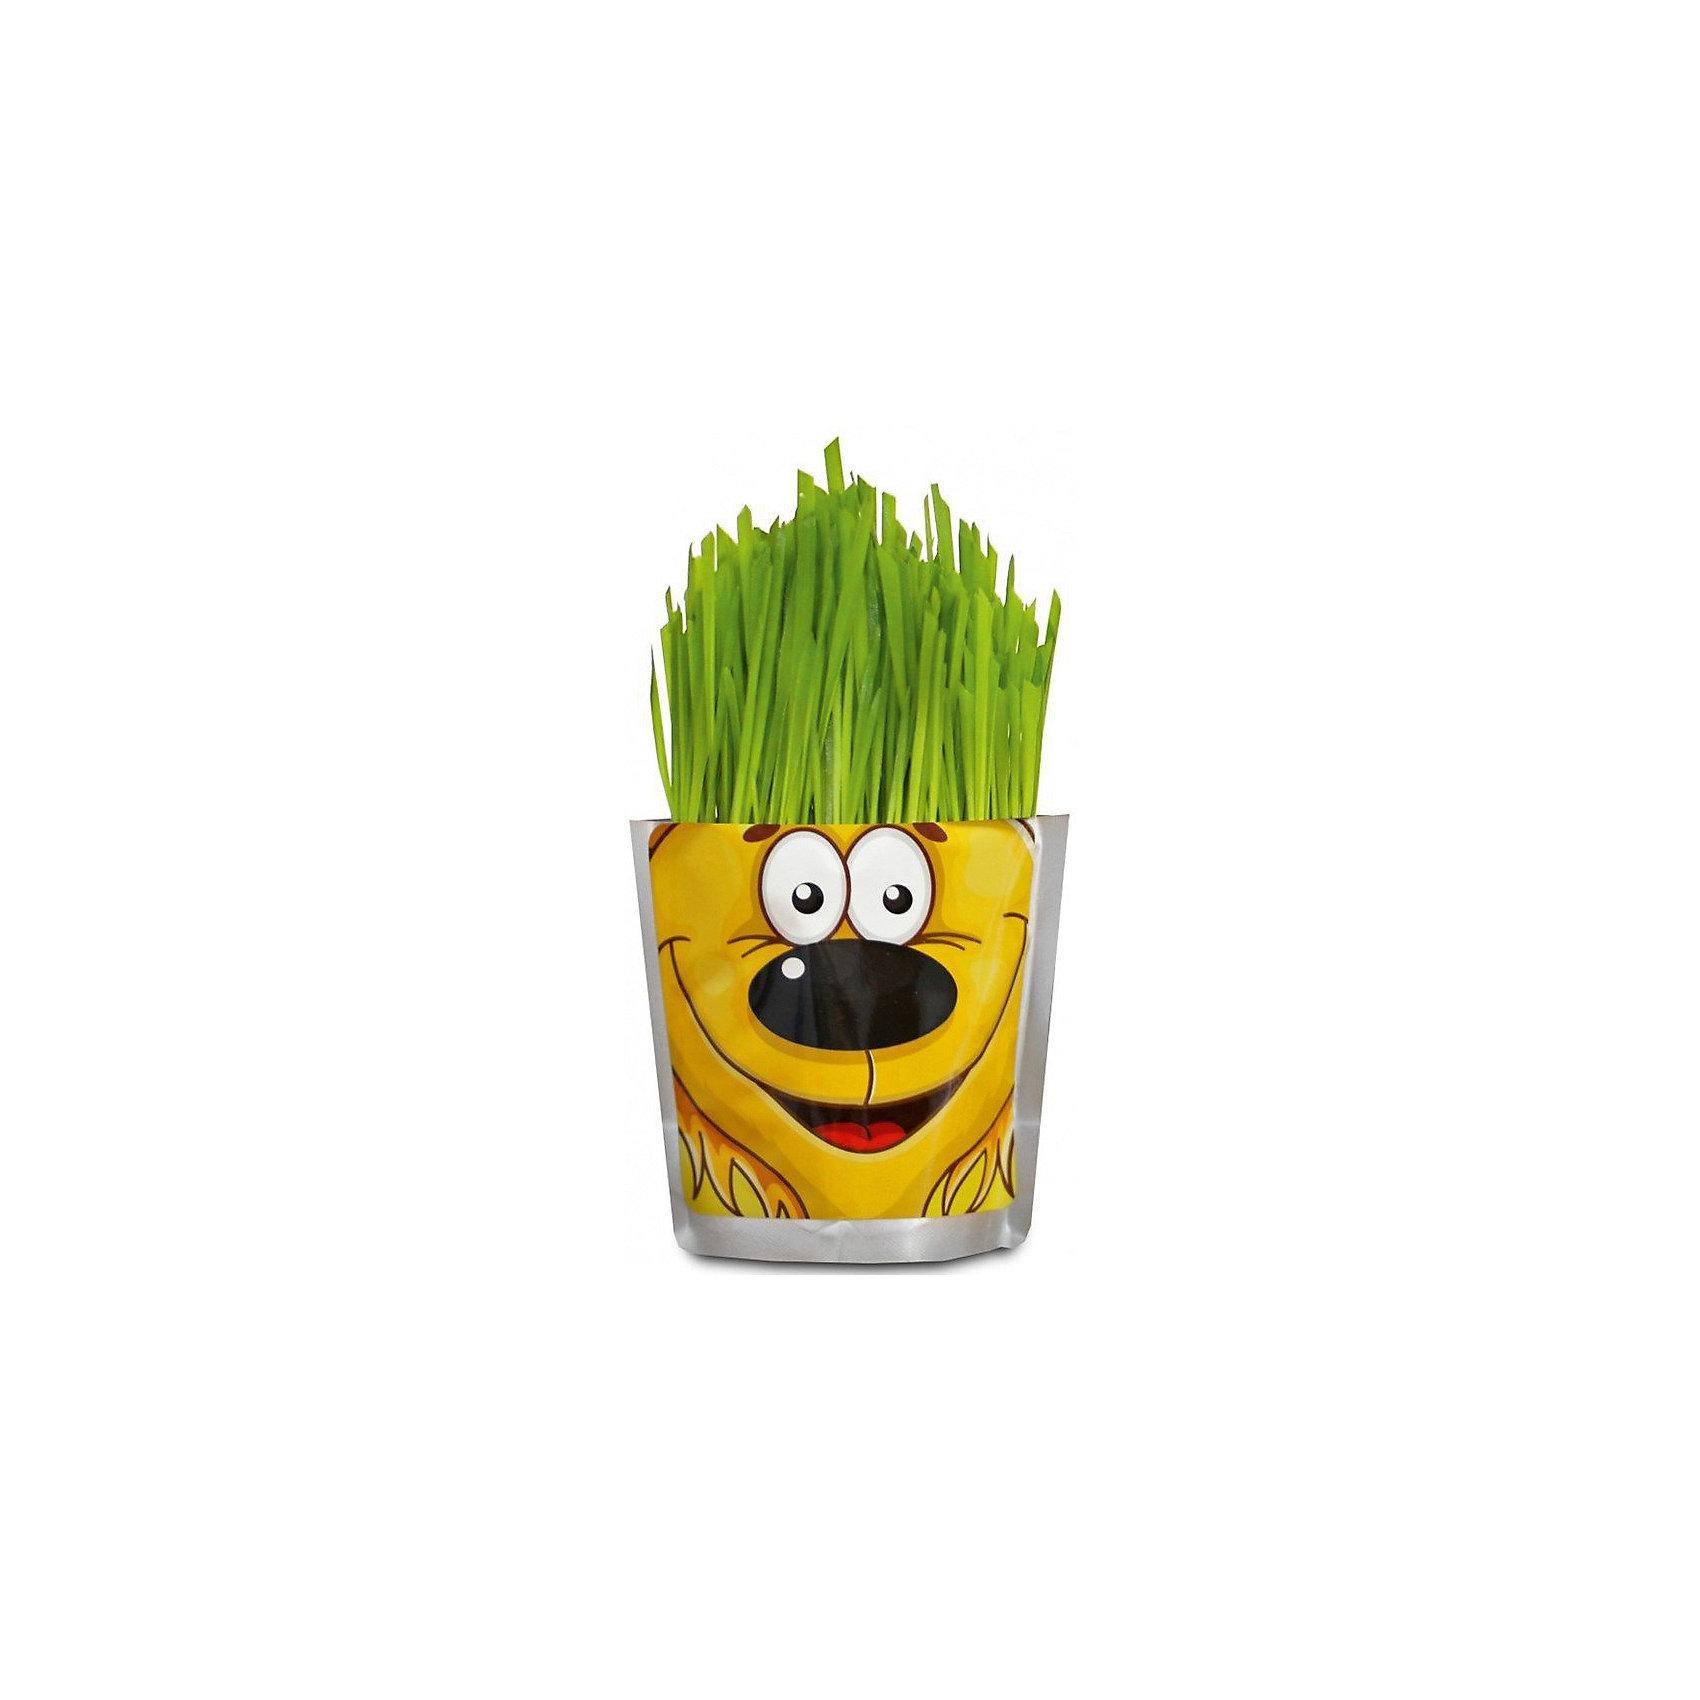 Набор для выращивания Сафари - Львенок Happy PlantВыращивание растений<br>Happy Plant Львенок.<br><br>Характеристики:<br><br>• научит ребенка выращивать растения и ухаживать за ними<br>• развивает фантазию <br>• яркий оригинальный дизайн<br>• качественные семена<br>• в комплекте: пакет-горшочек, органический субстрат для посадки, семена, лопатка, инструкция<br>• размер: 18х13 см<br>• объем: 500 мл<br>• Вес: 230 грамм<br><br>Забавный Львенок научит ребенка ухаживать за растениями. С помощью инструкции ребенок с радостью посадит семена и будет наблюдать за ростом травки. Ее можно подстригать, придавая различные формы. Кроме того, Вы сможете придумывать львенку различные прически. Такой веселый львенок должен быть у каждого юного садовода!<br><br>Happy Plant Львенок, Вы можете купить в нашем интернет-магазине.<br><br>Ширина мм: 180<br>Глубина мм: 130<br>Высота мм: 80<br>Вес г: 230<br>Возраст от месяцев: 168<br>Возраст до месяцев: 240<br>Пол: Унисекс<br>Возраст: Детский<br>SKU: 5053996